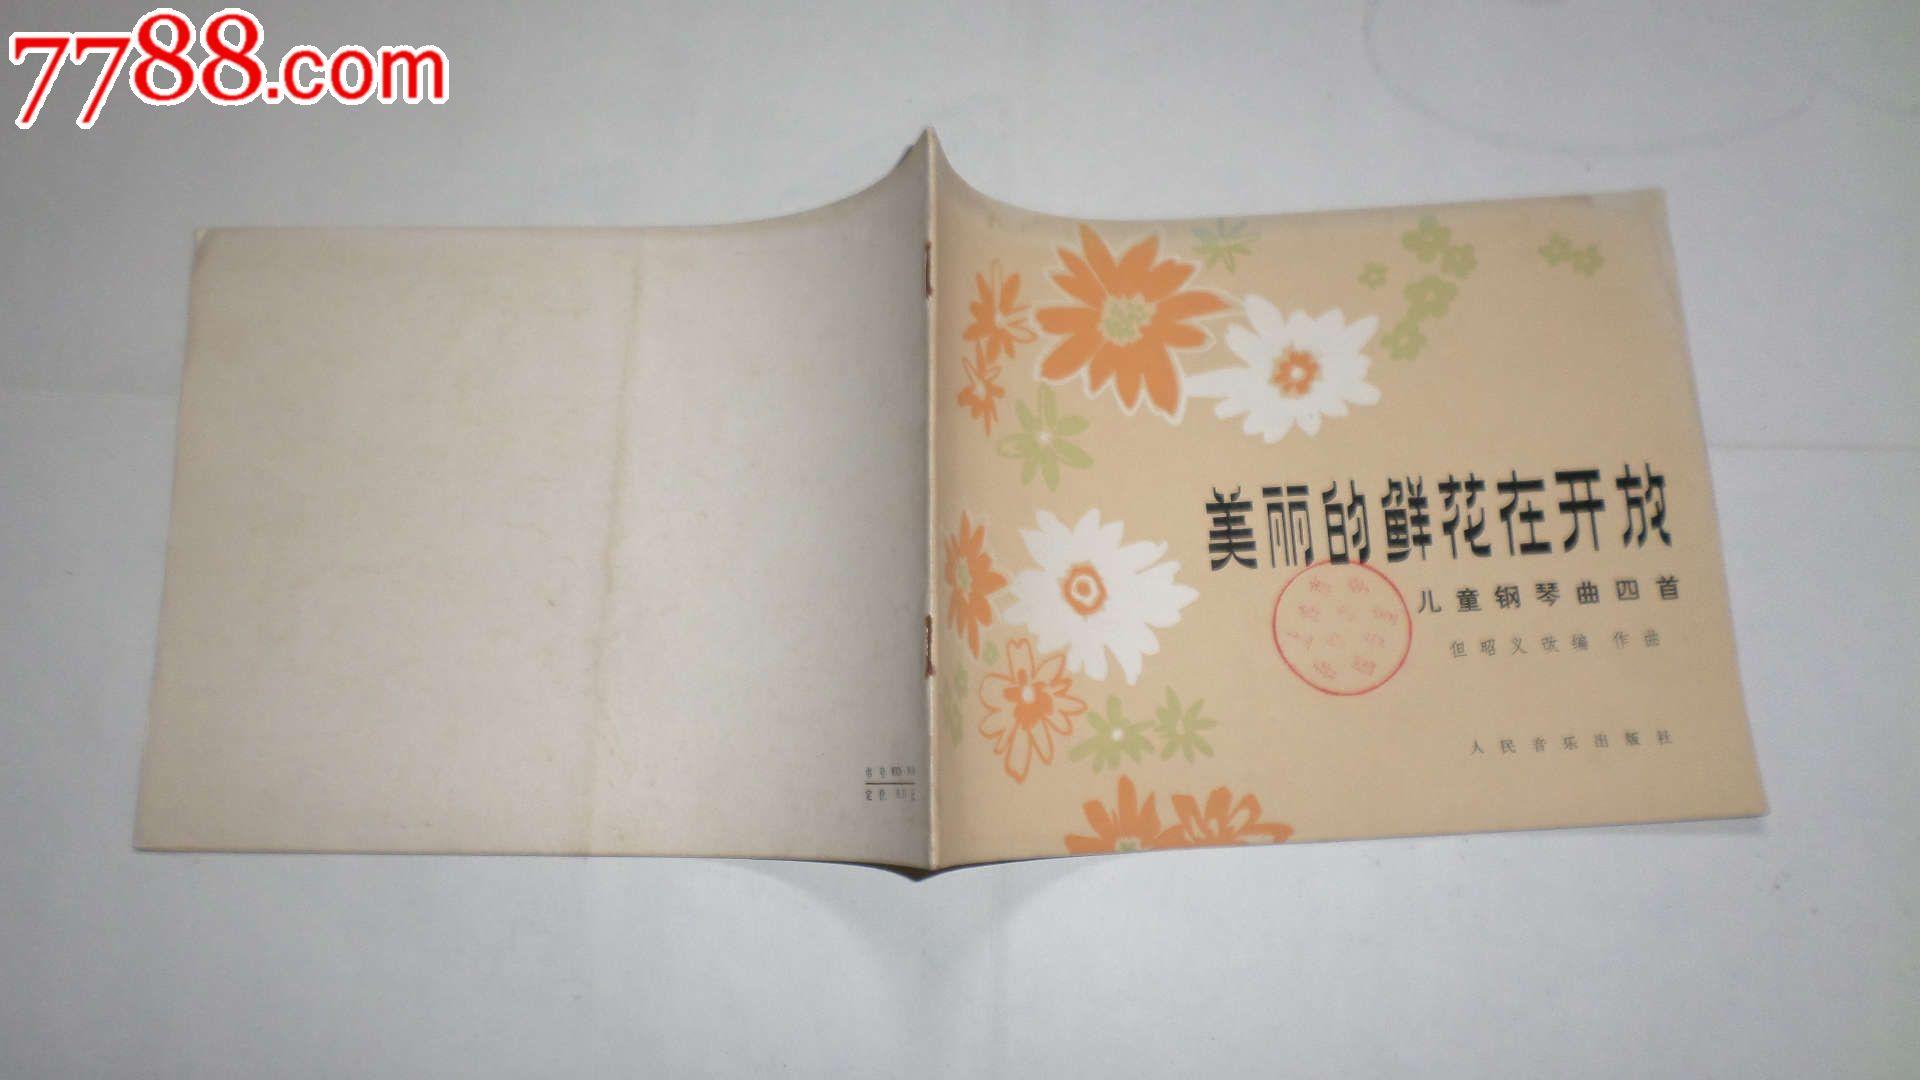 美丽的鲜花在开放-se24190452-7788歌谱; 美丽鲜花在开放简谱 美丽